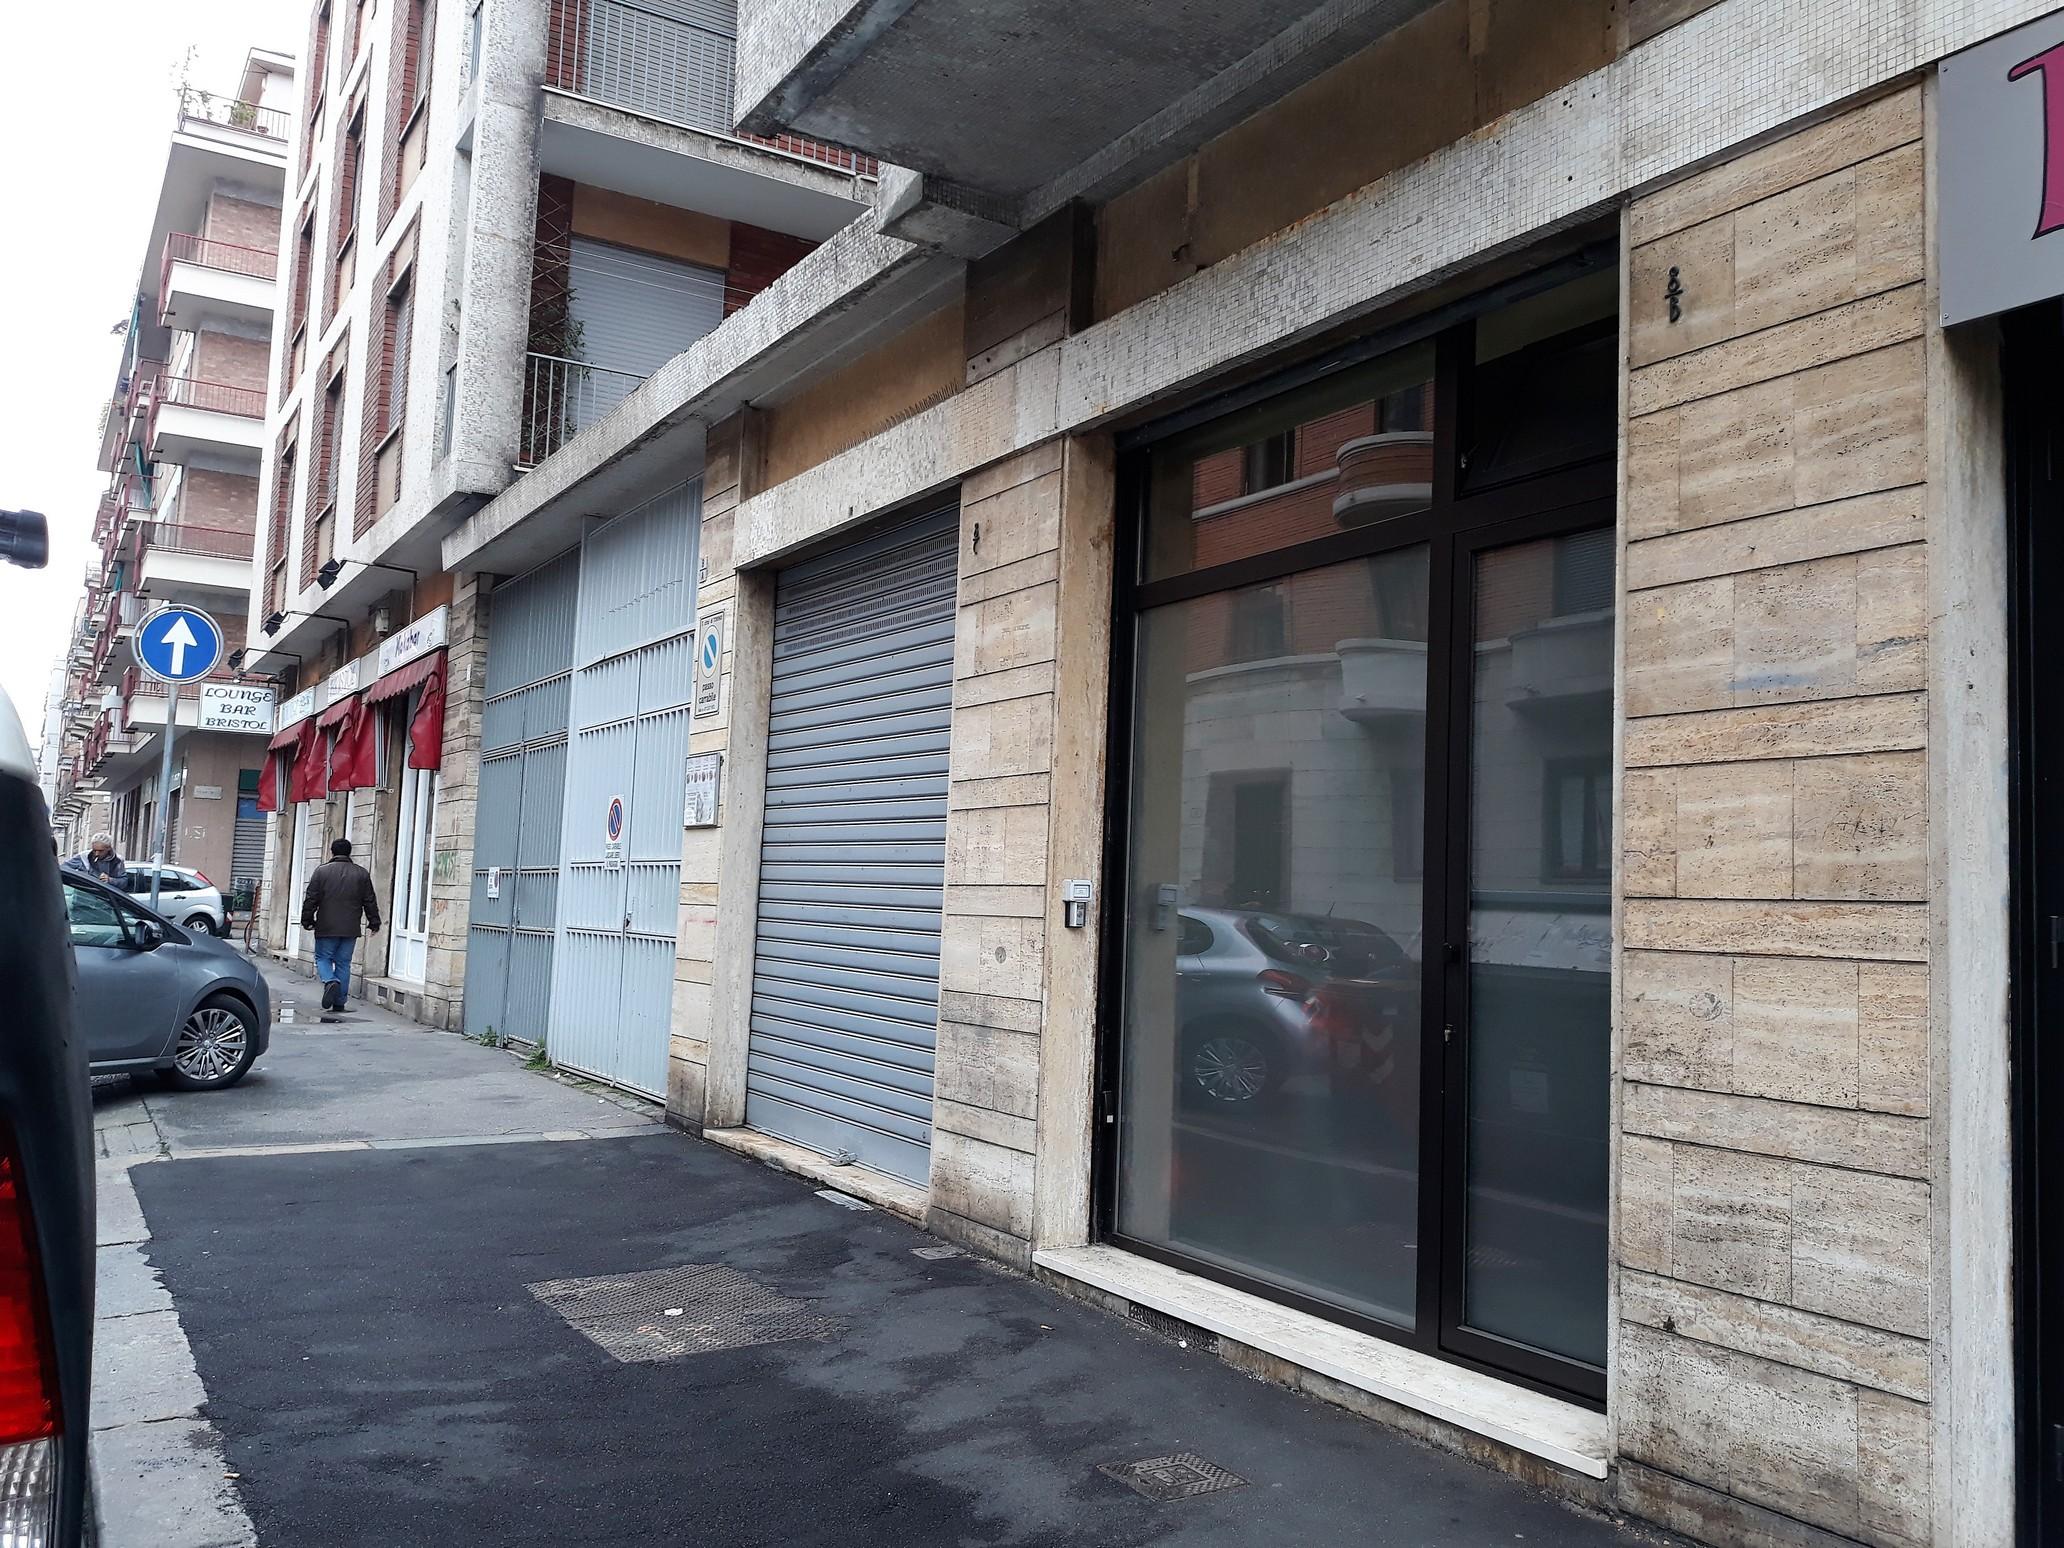 rif. 216 – Torino, pressi piazza Adriano